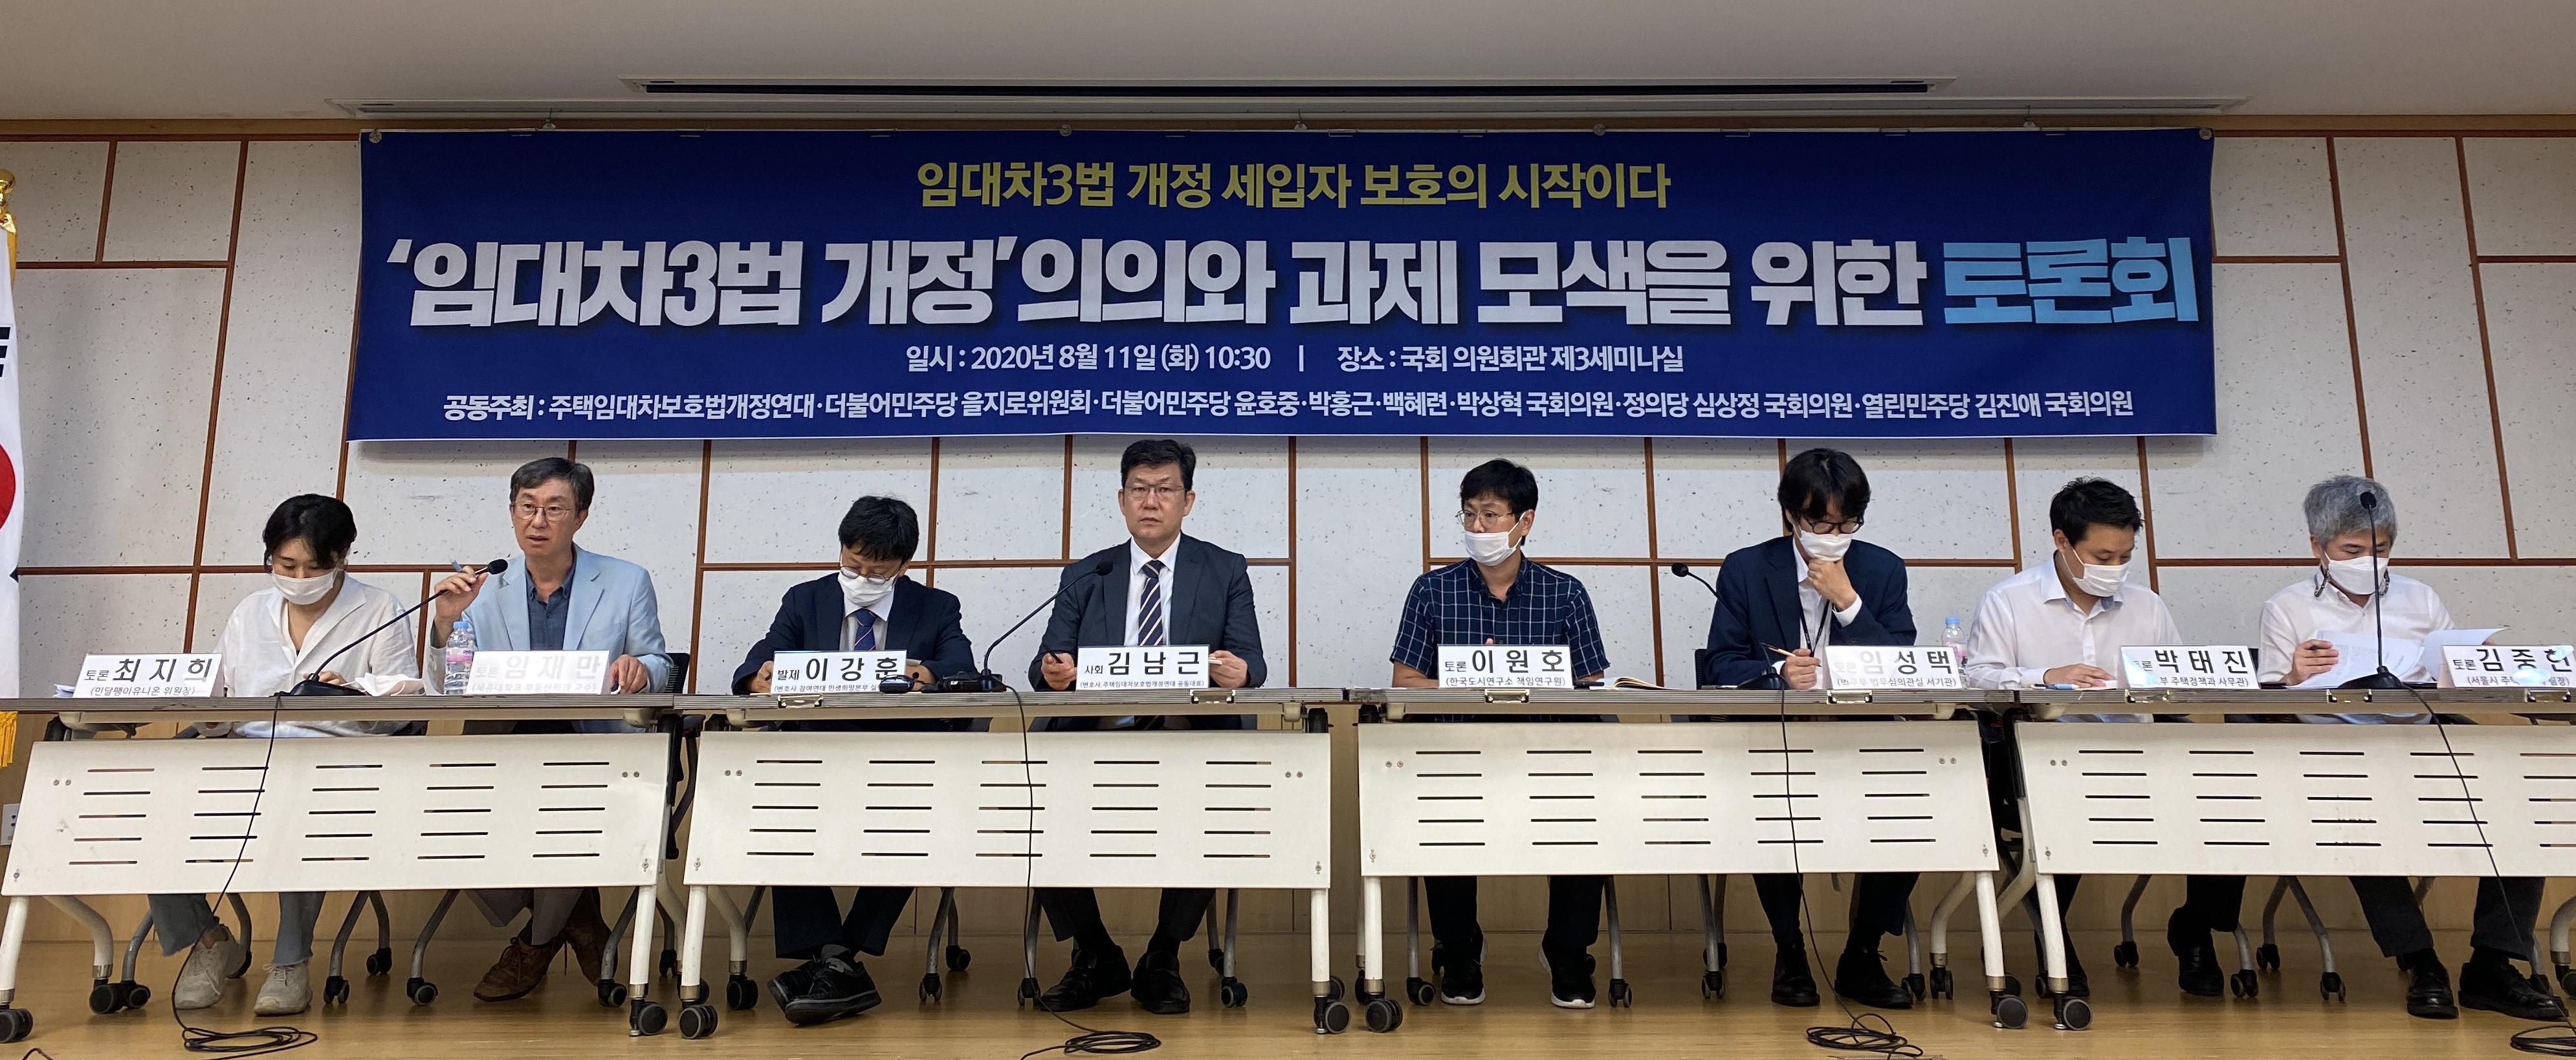 [토론회] ] 임대차3법 개정의 의의와 과제 모색